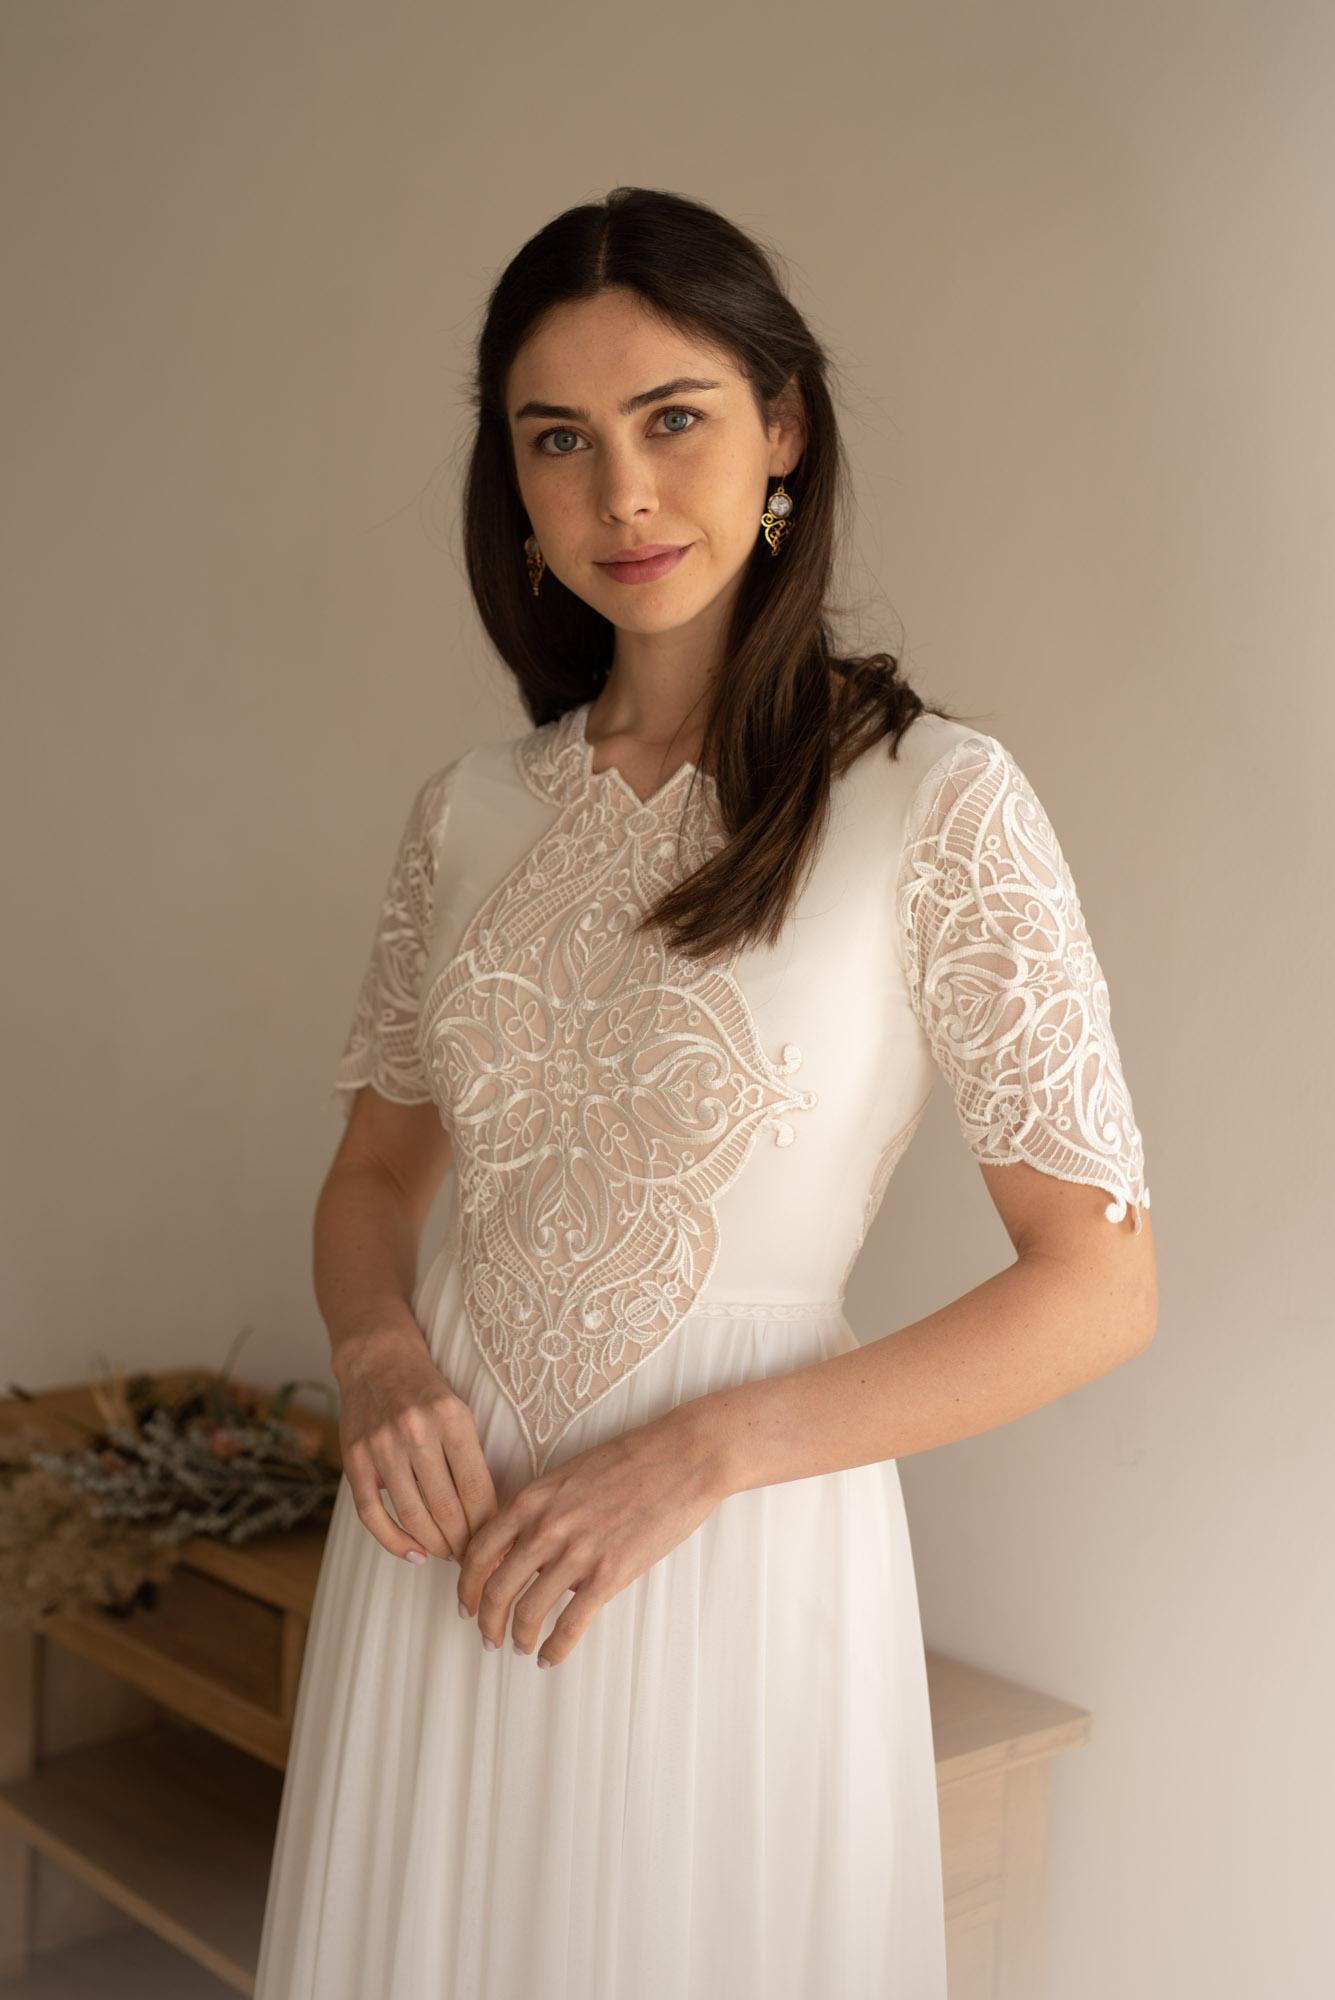 סטודיו לעיצוב שמלות כלה בשומרון נחמה הס ועדי קולקציית 2020  Студия дизайна свадебных платьев в Самарии Nehama Hess and Adi